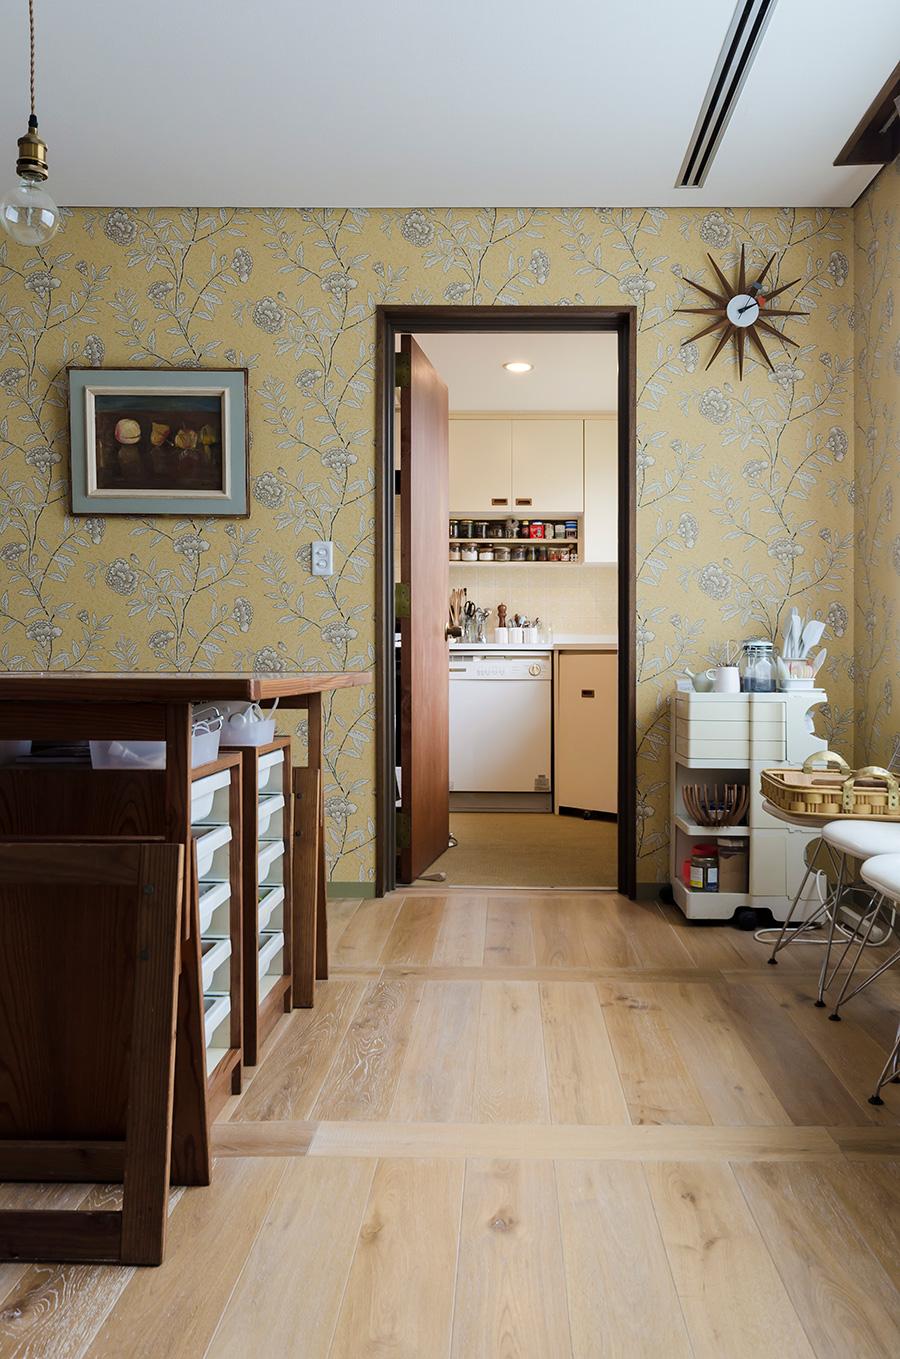 ドアの奥のキッチンも、イエローがテーマ。壁紙に合わせてアートもセレクト。